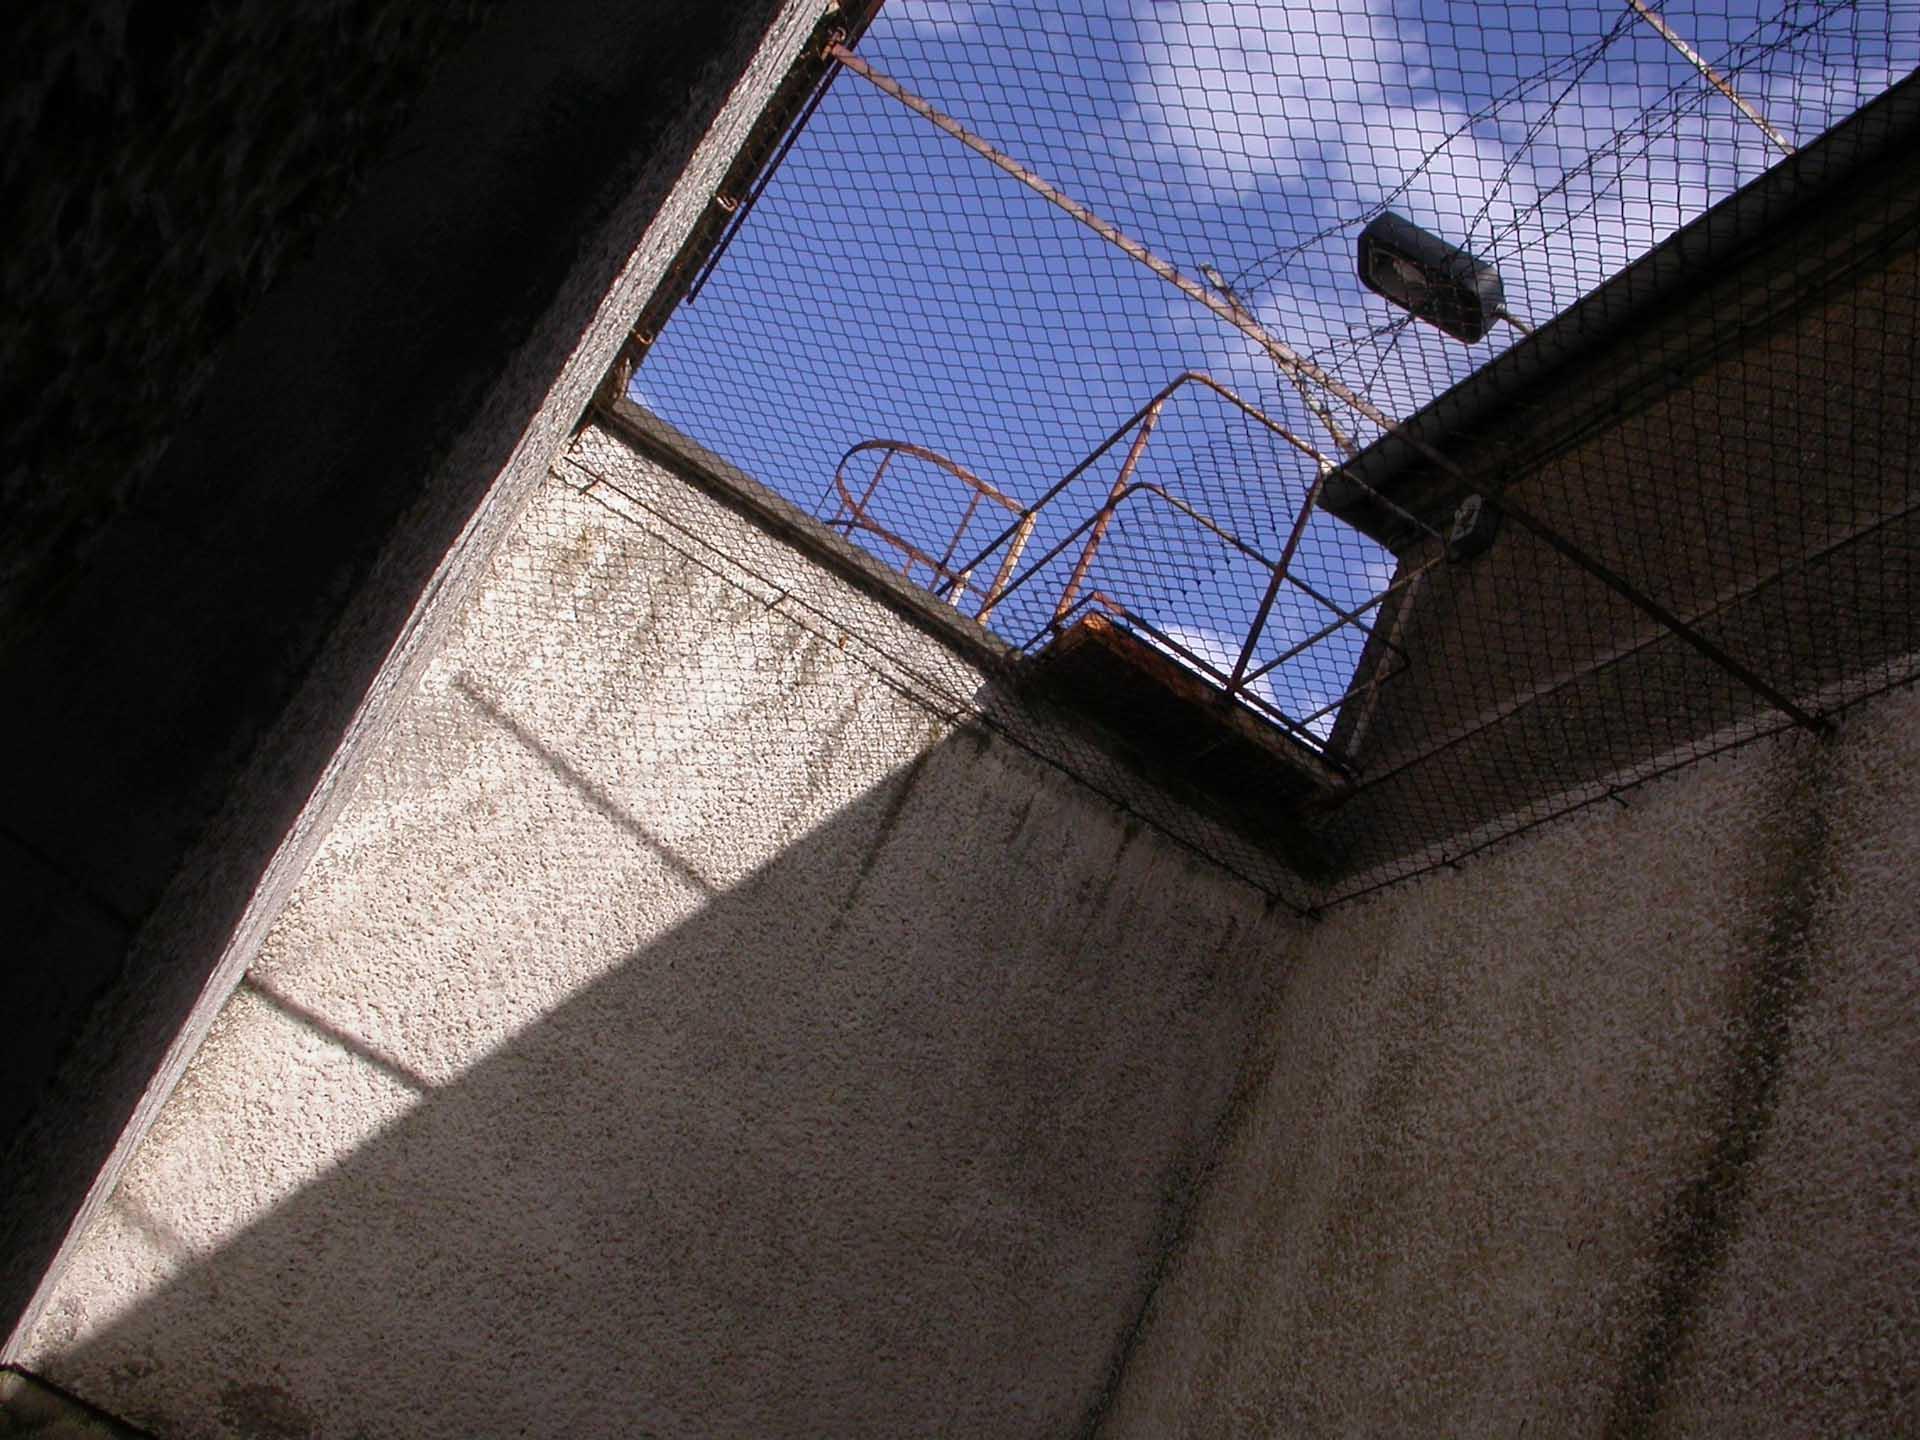 """...Frische Luft gab es maximal eine halbe Stunde am Tag - in hoch gemauerten Freizellen. Manchmal war sogar dort der Blick zum Himmel versperrt. Und selbst hier: permanente Beobachtung. Texte:  """"mdr.de/zeitreise"""